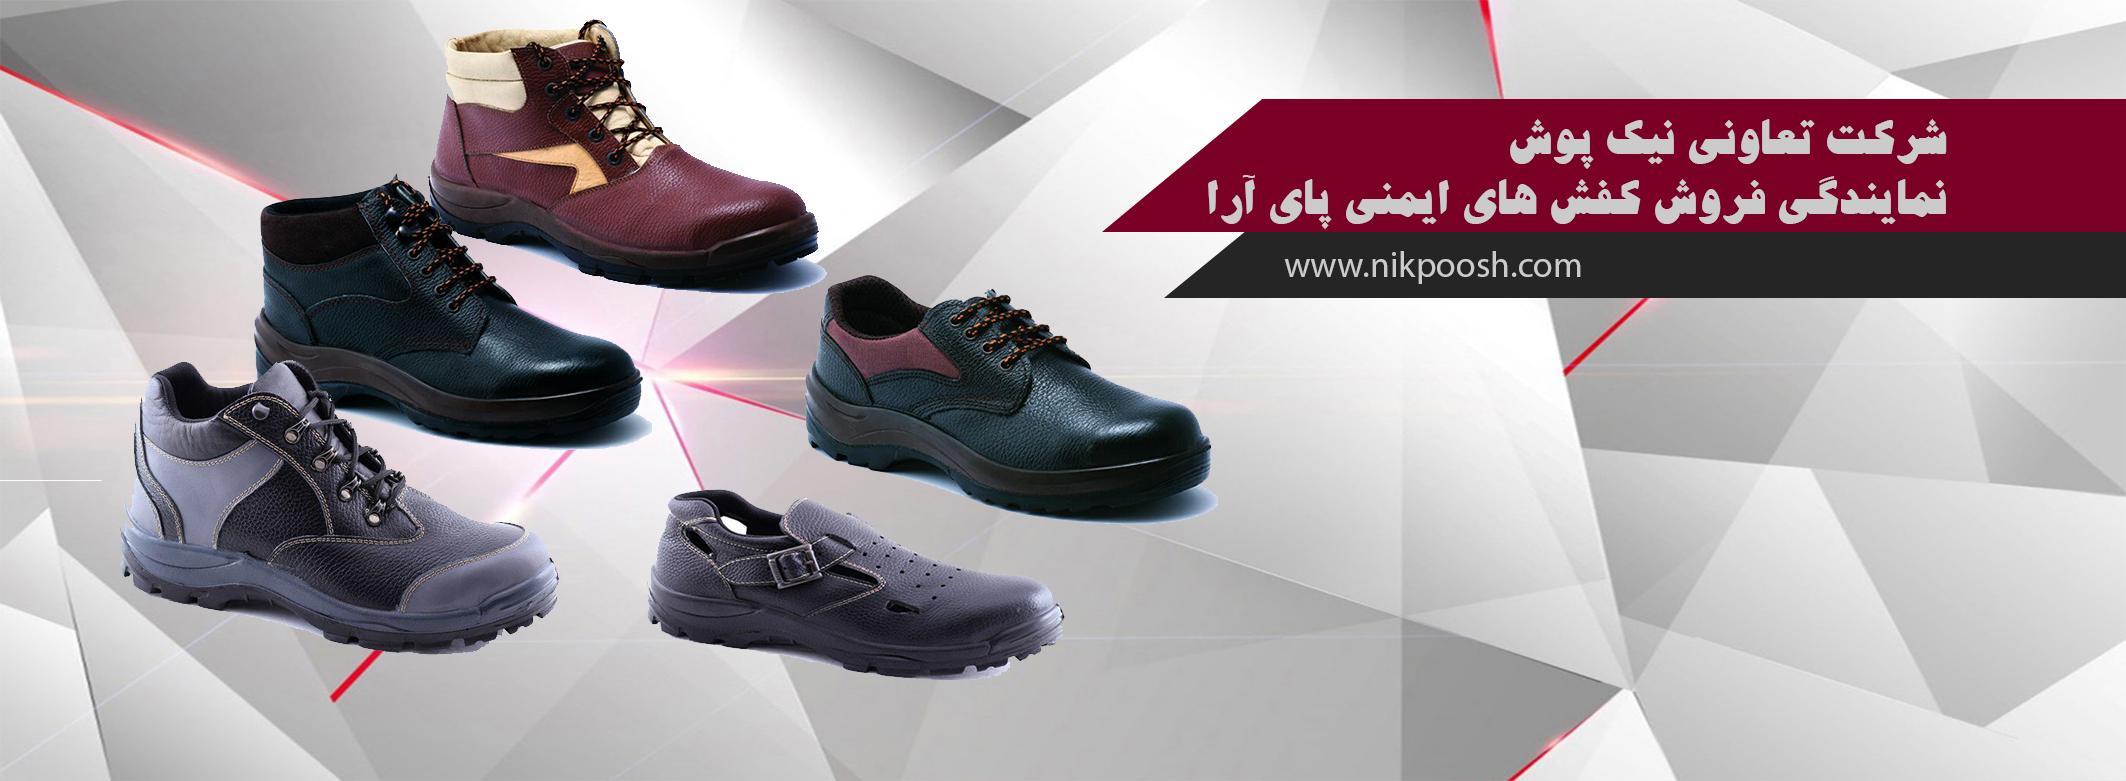 کفش اداری.کفش صنعتی